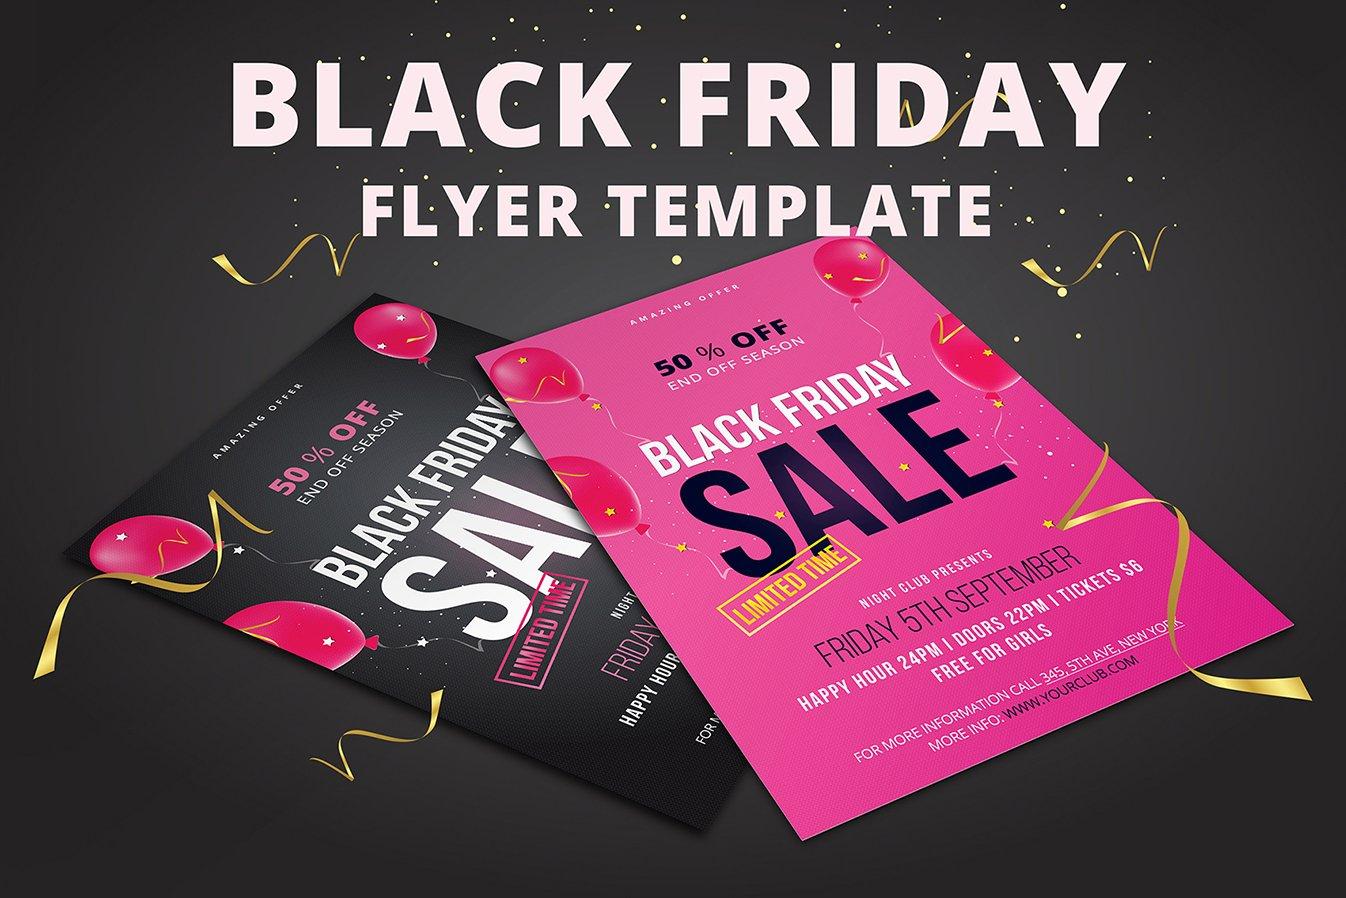 black friday flyer template flyer templates creative market. Black Bedroom Furniture Sets. Home Design Ideas